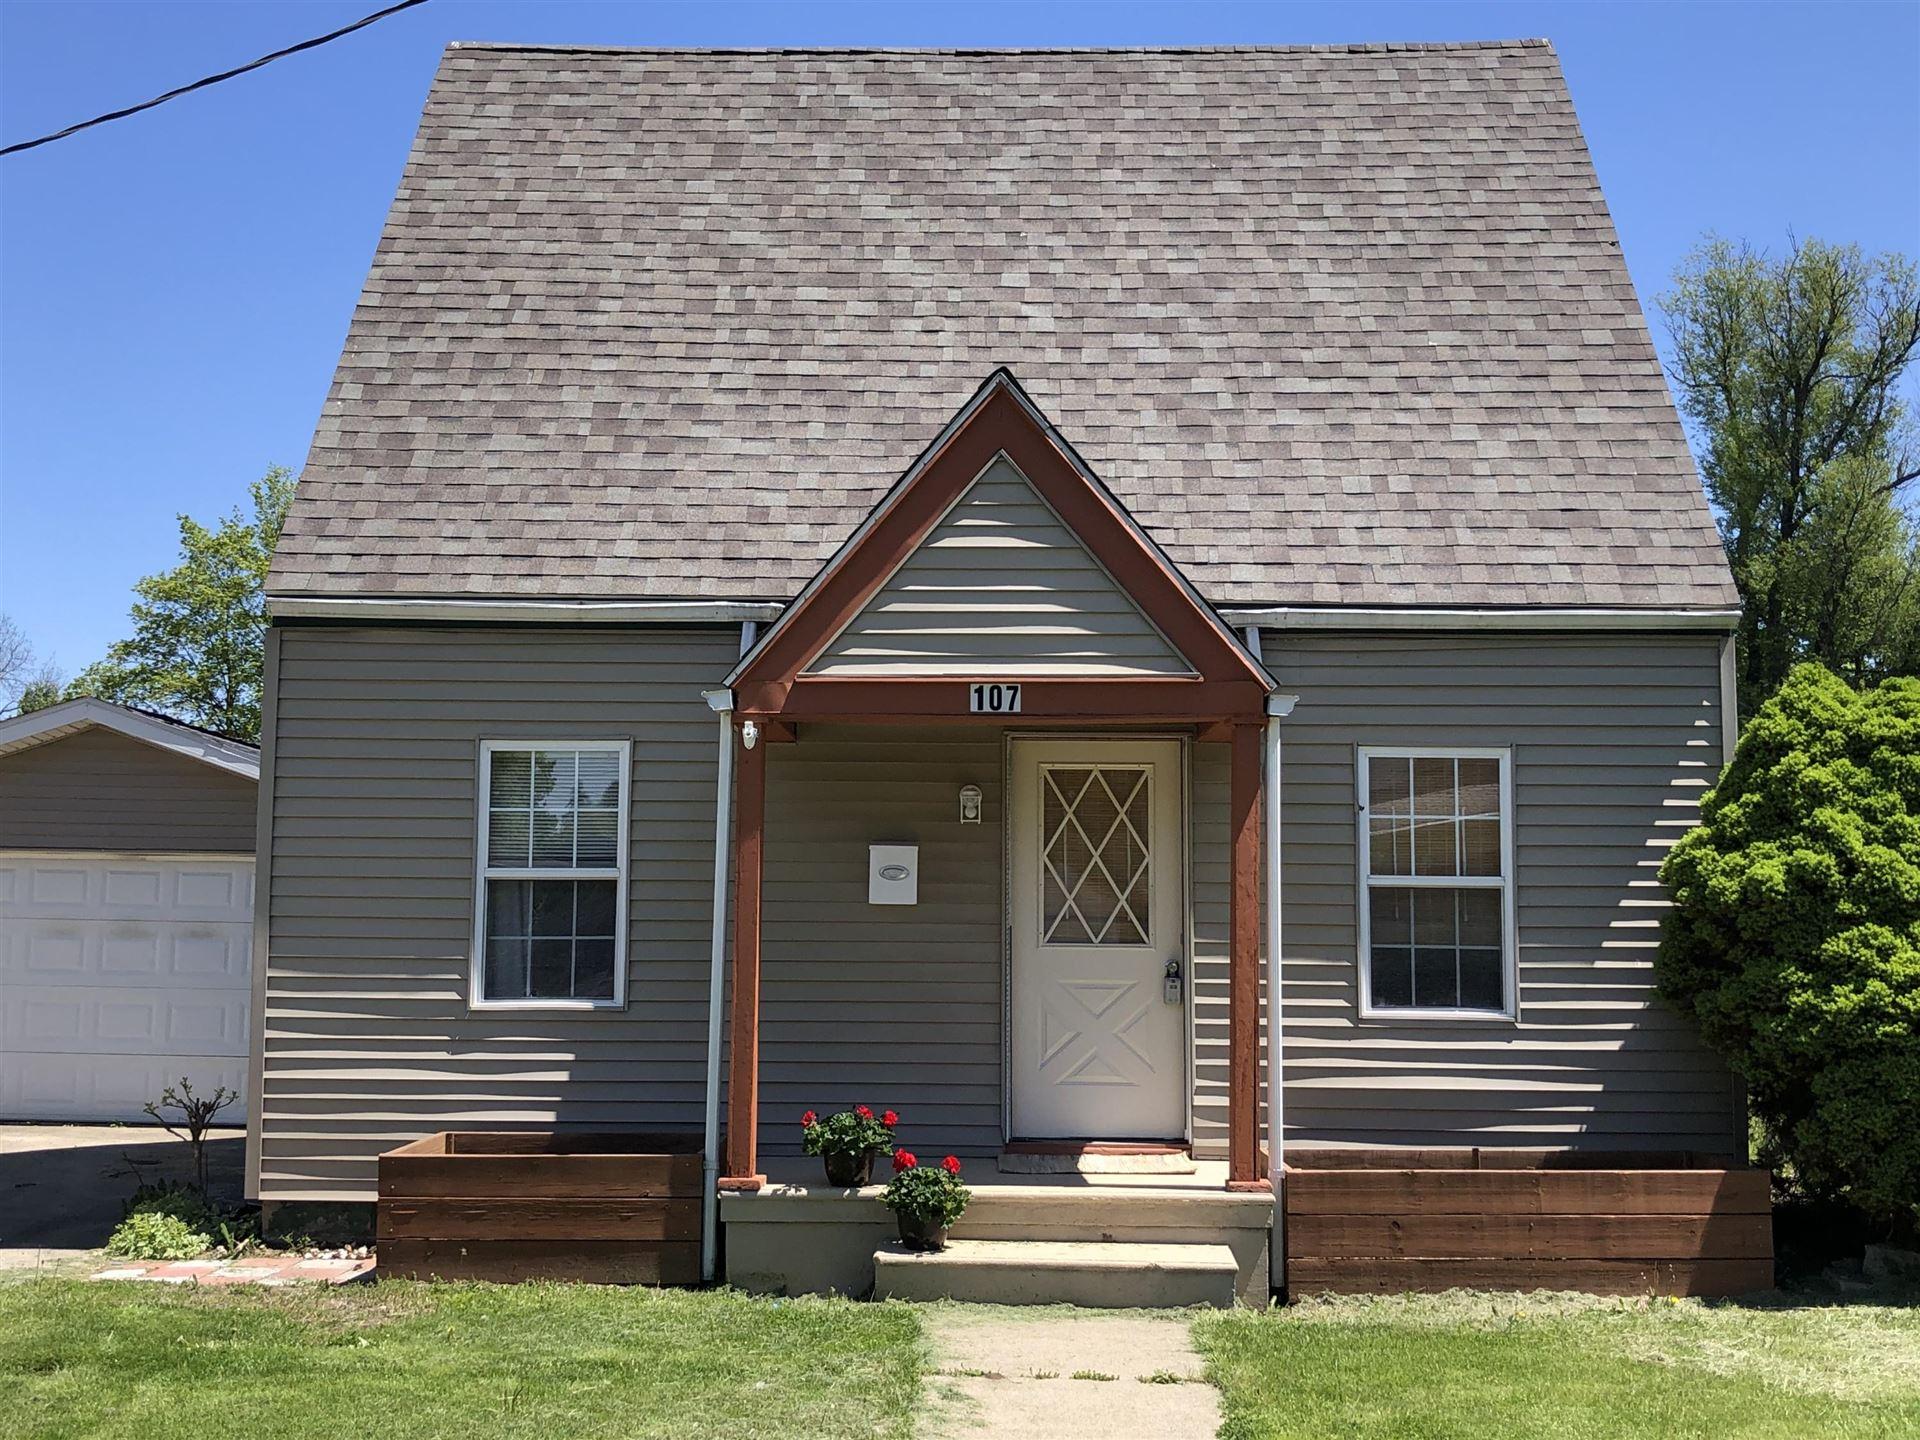 107 Ilene Street, Sturgis, MI 49091 - MLS#: 21009356